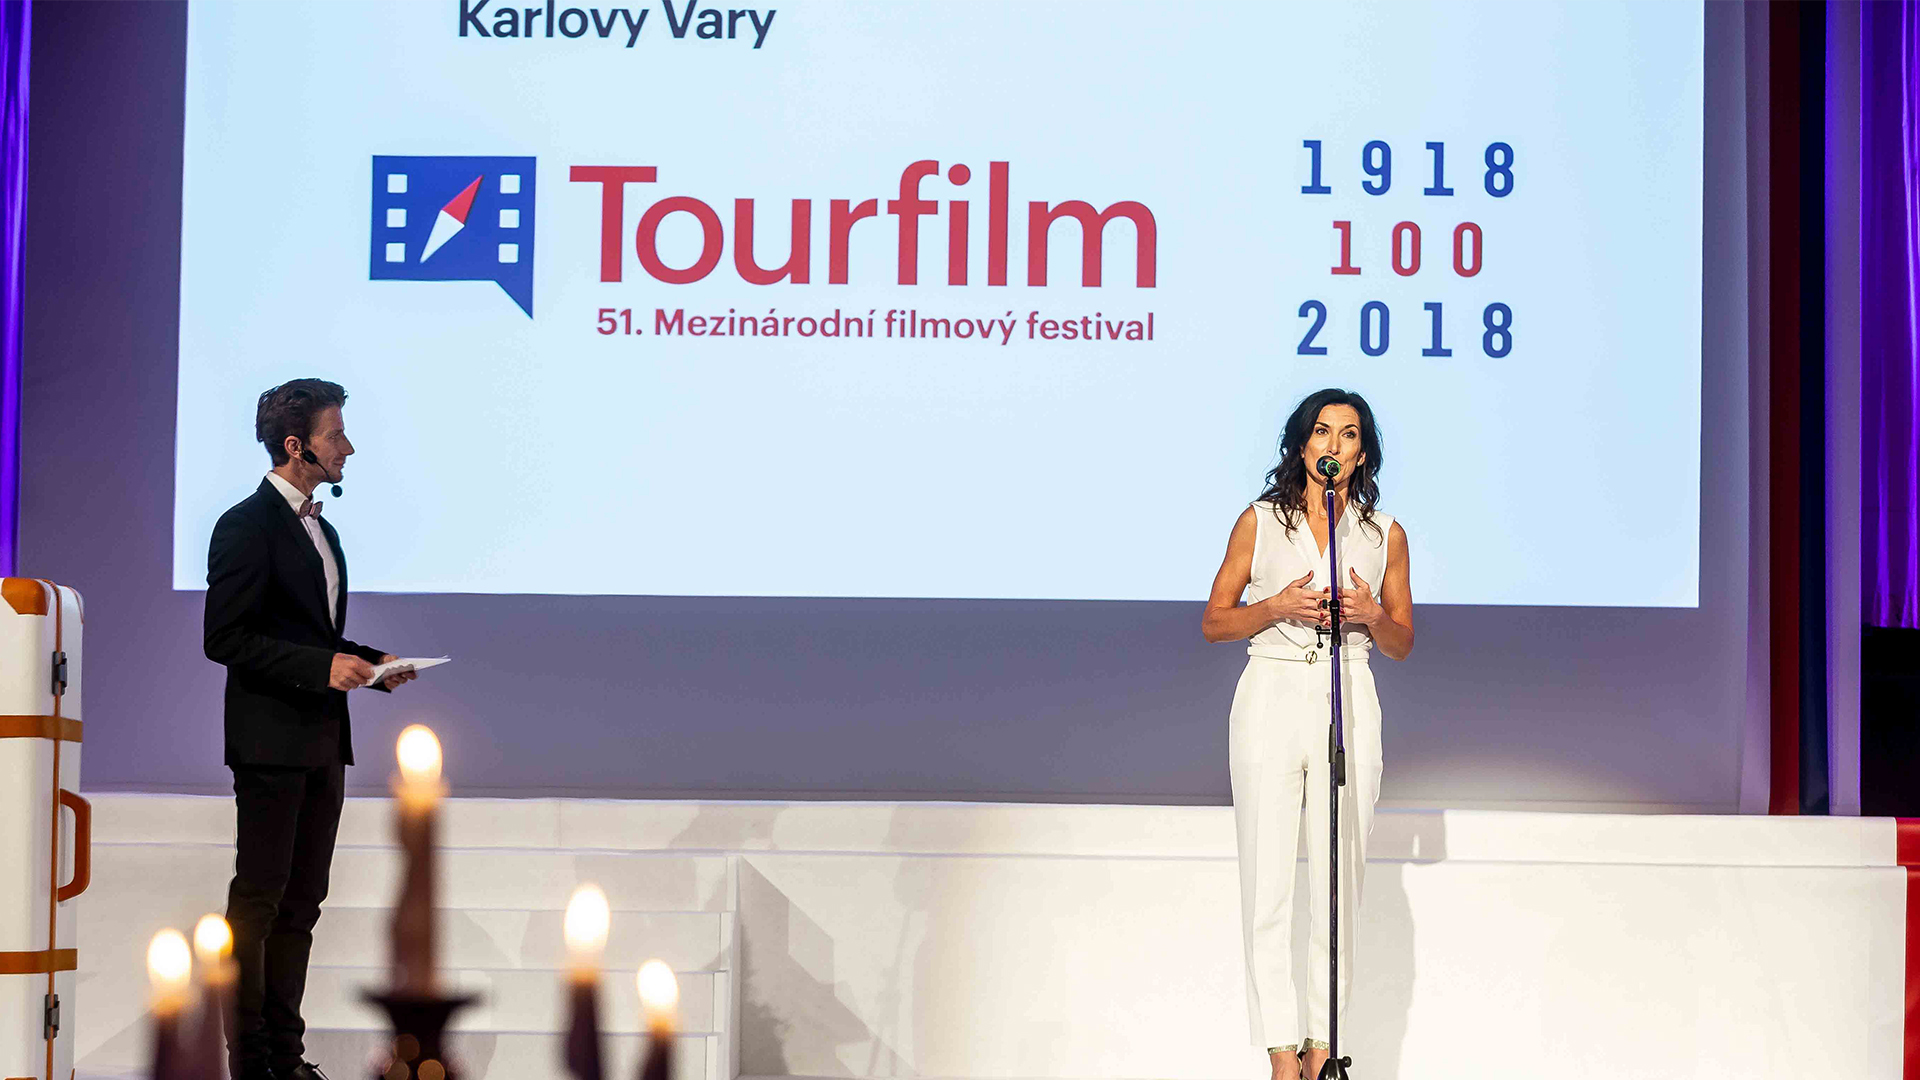 Tourfilm Karlovy Vary 2018